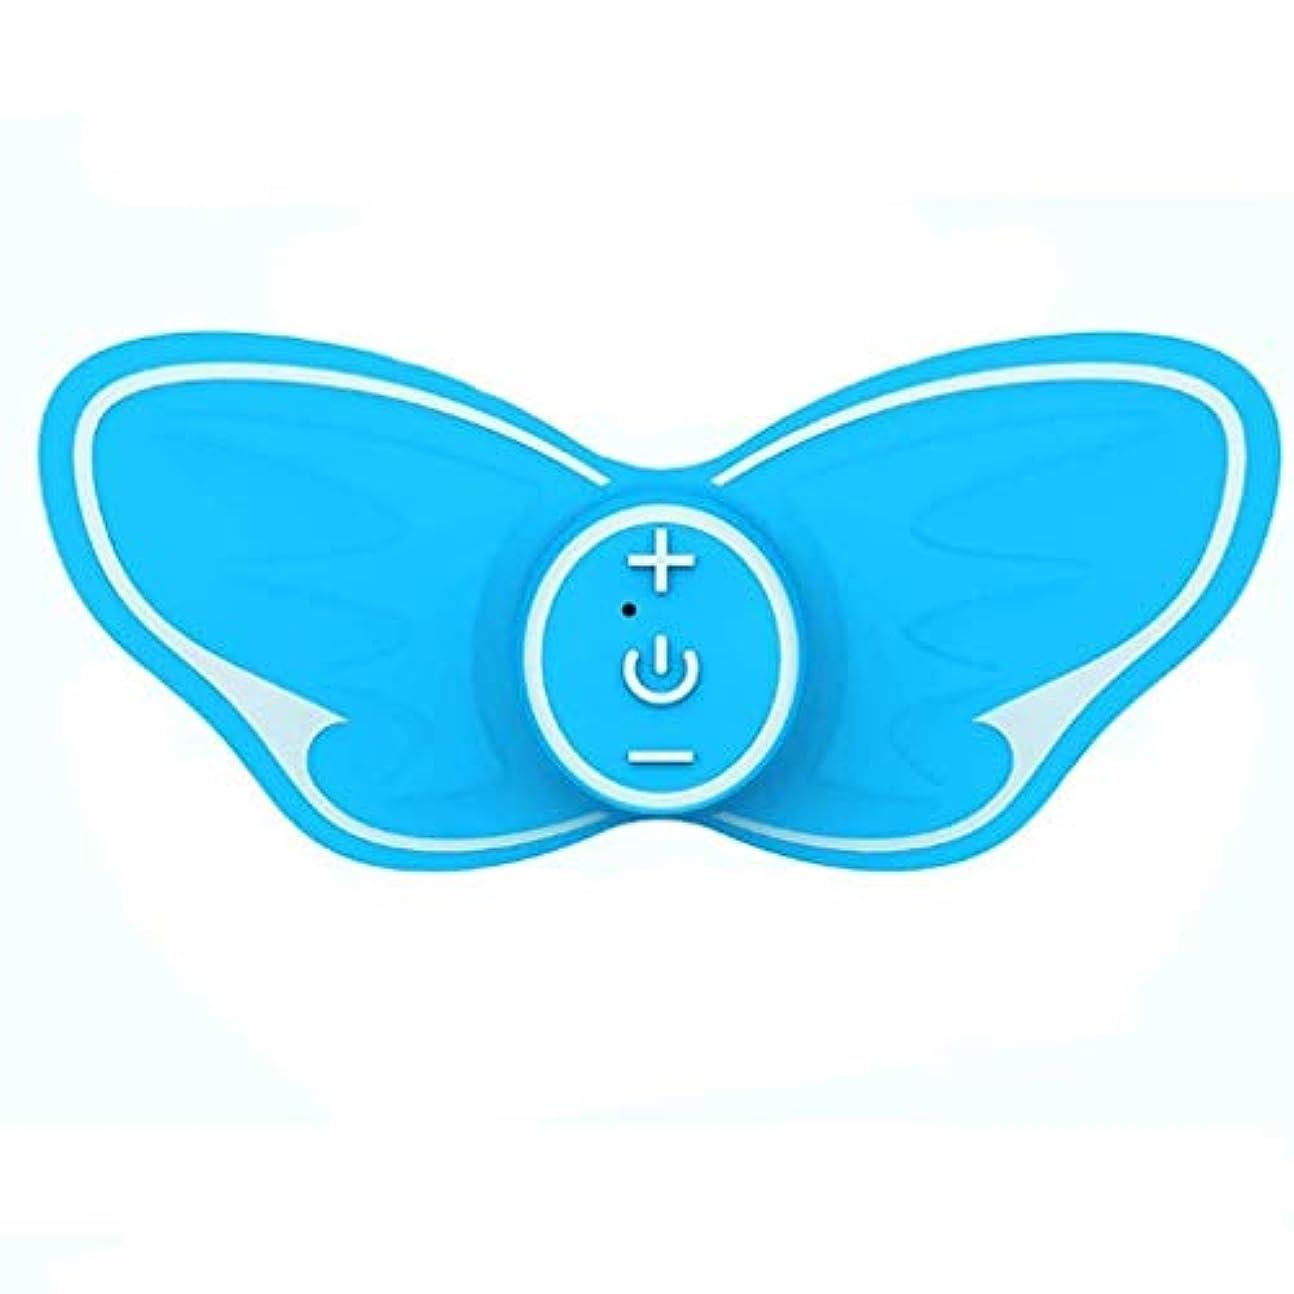 酸端末きらめく電動ネックマッサージャー、スマートミニネックフィンガープレッシャーマッサージスティック、USB充電、加熱/ディープニーディングボディマッサージ、ポータブル (Color : 青)